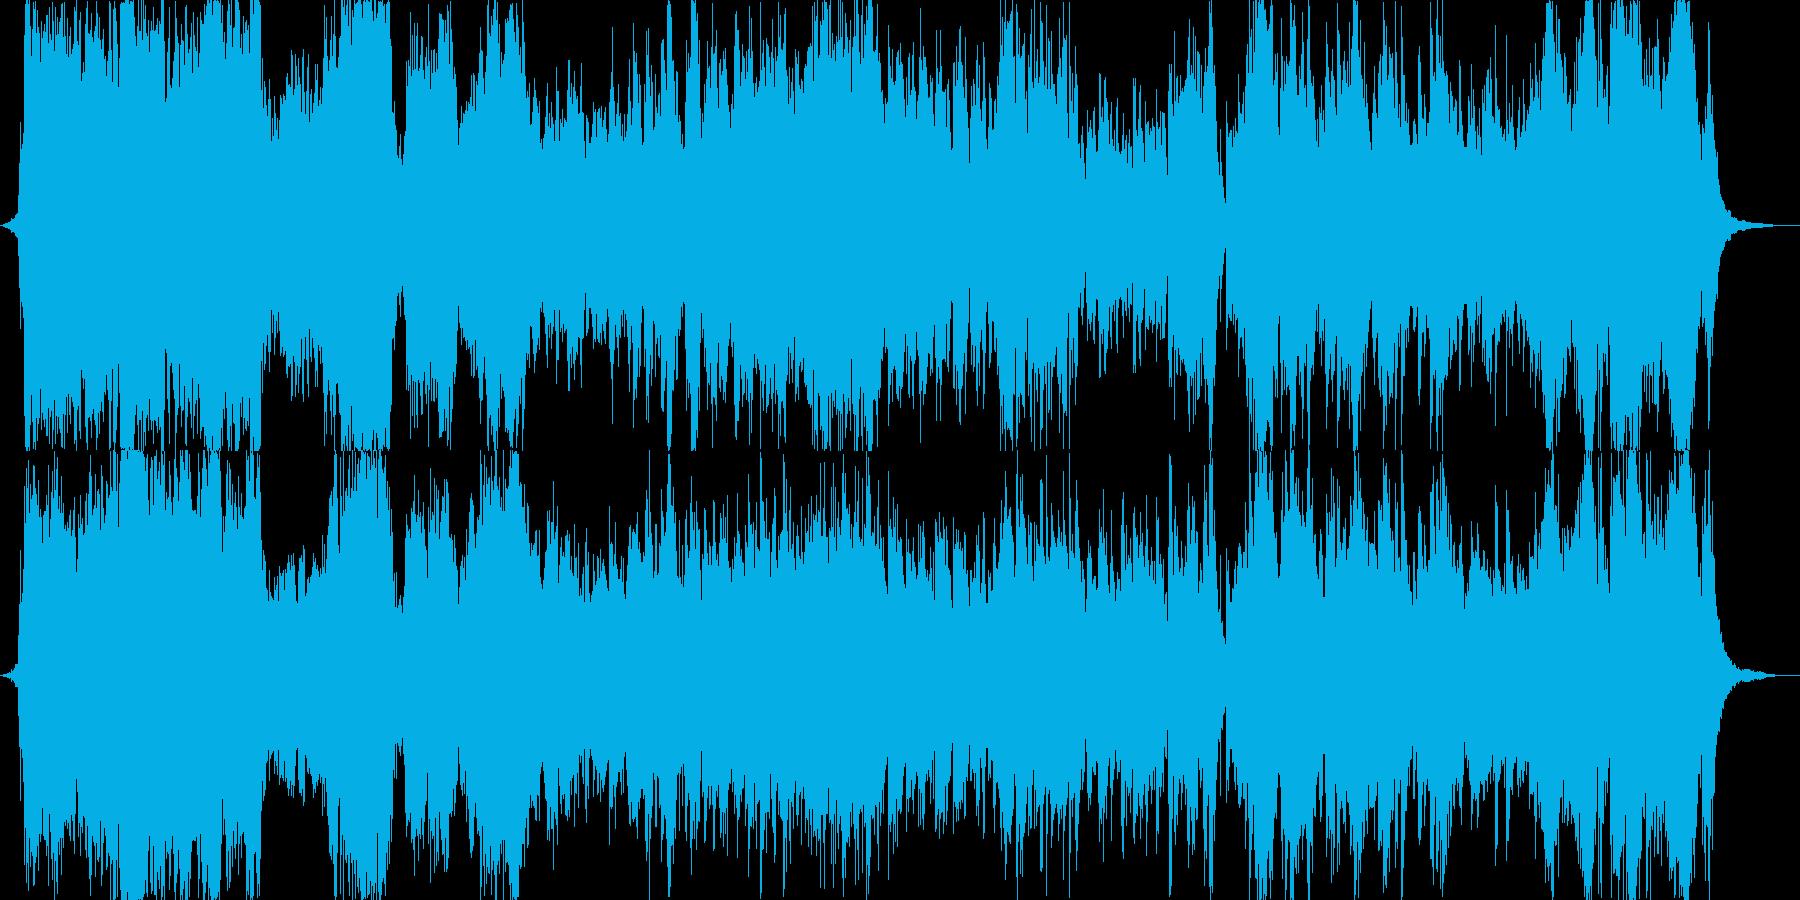 ミュージカルのオープニング風の華やかさの再生済みの波形